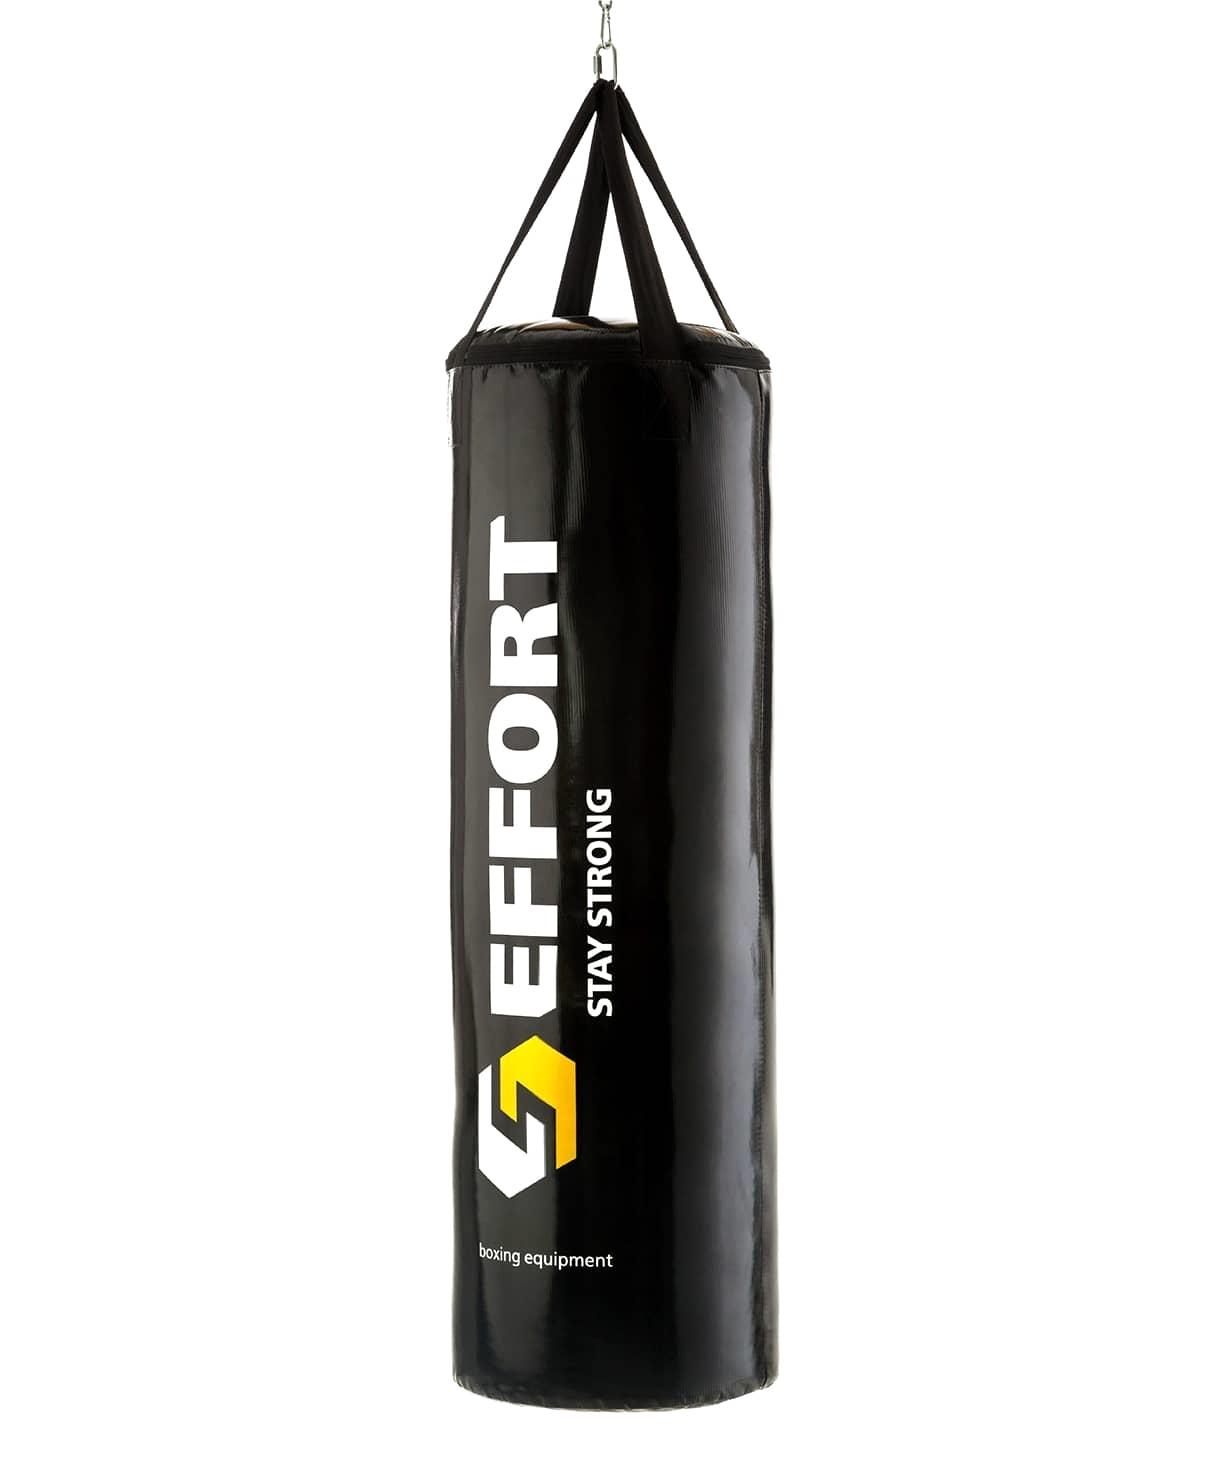 Мешок боксерский E157, тент, 28 кг, черный